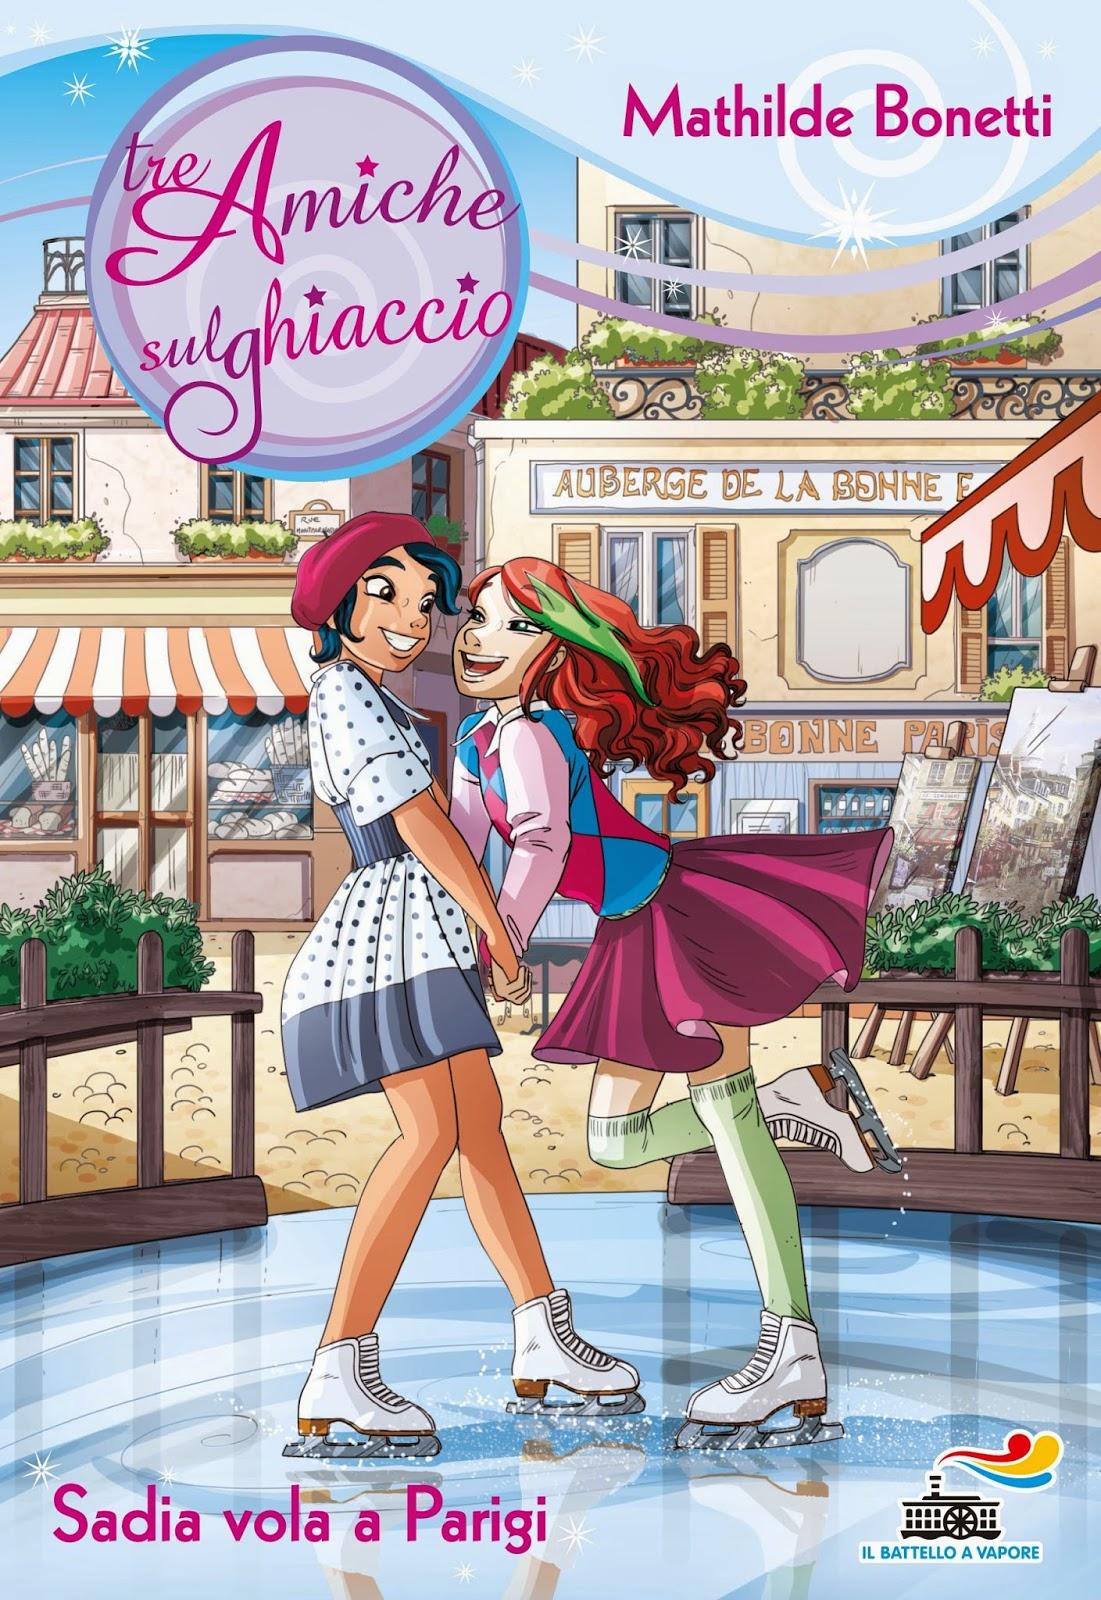 Blog expres novit in libreria i libri pi belli for Libri per ragazze di 13 anni